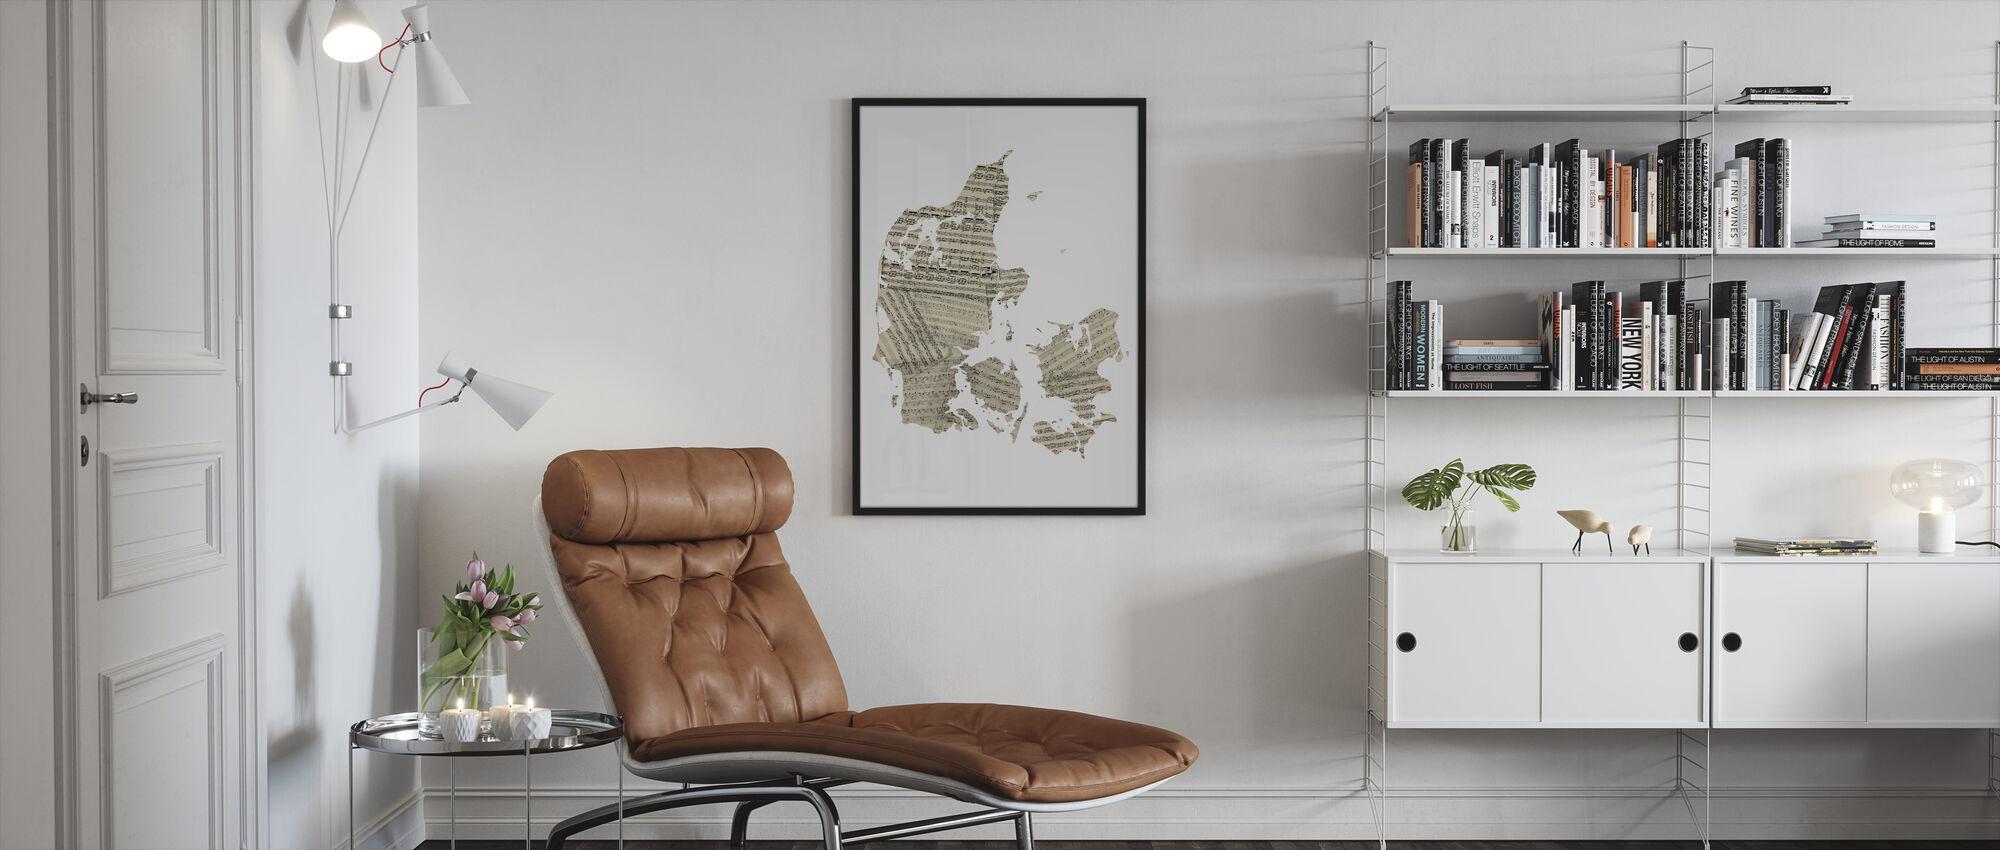 Denmark Old Music Sheet Map - Framed print - Living Room